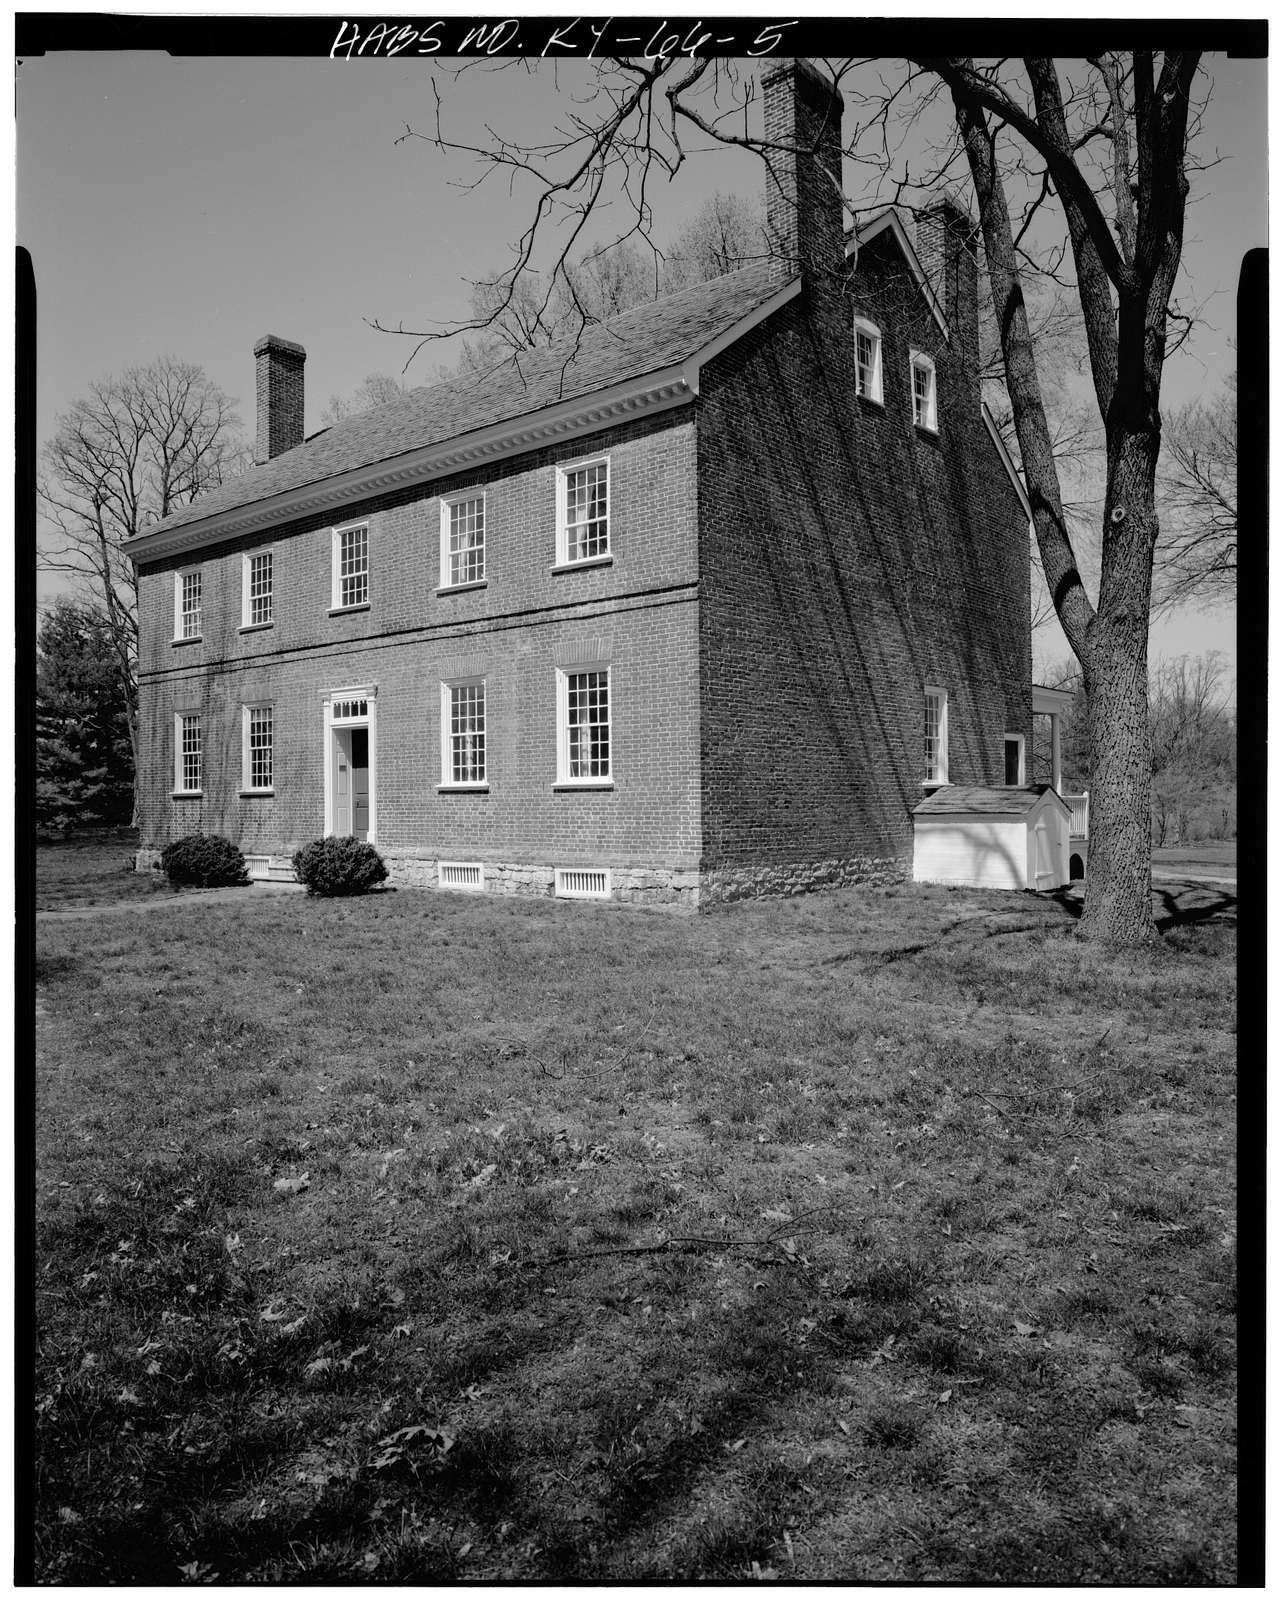 Croghan House, 561 Blankenbaker Lane, Louisville, Jefferson County, KY